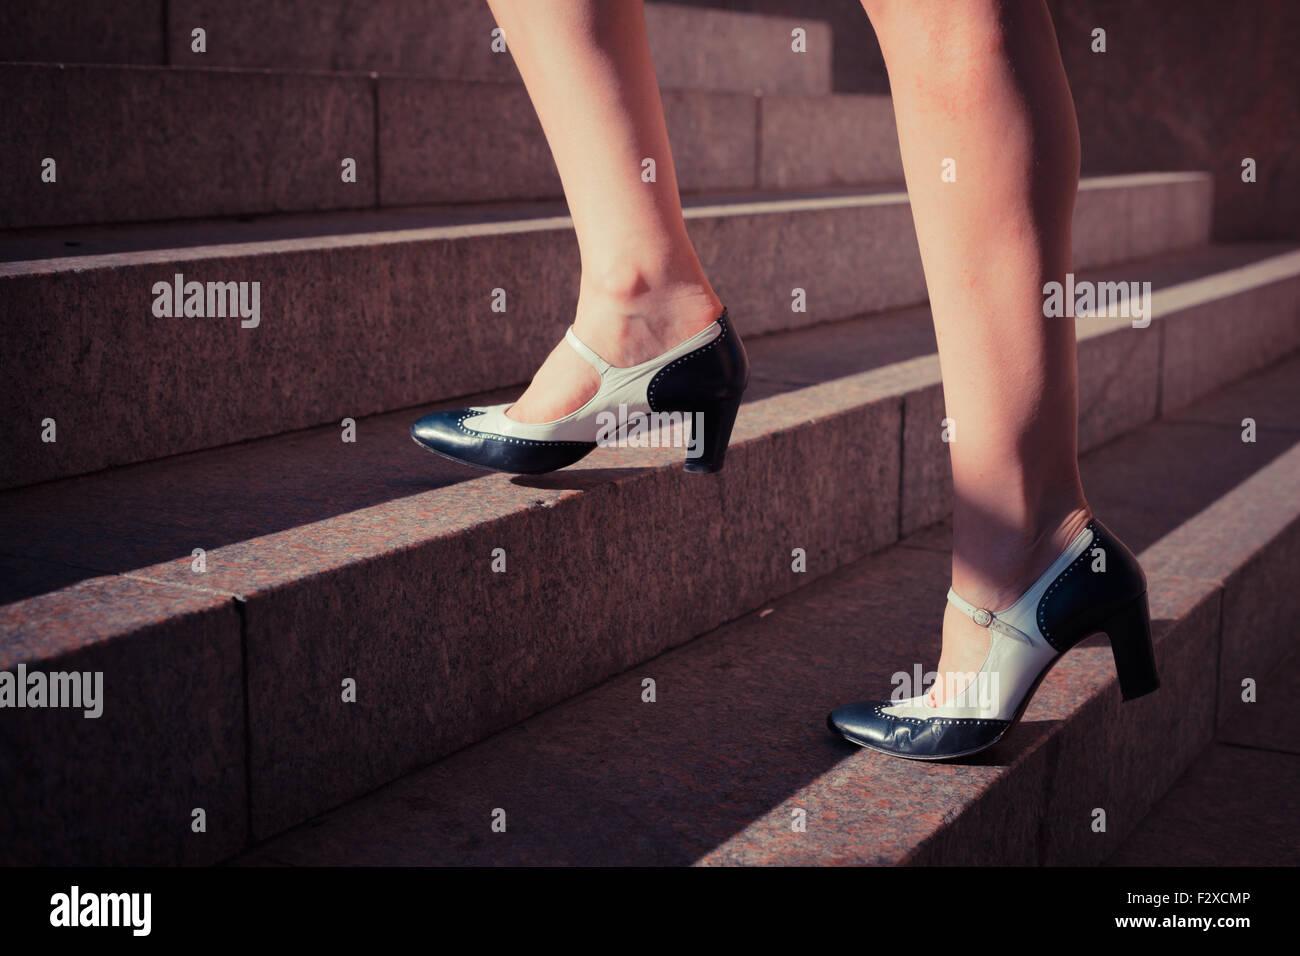 36f211153 Falda De Escaleras Para Caminar Imágenes De Stock & Falda De ...